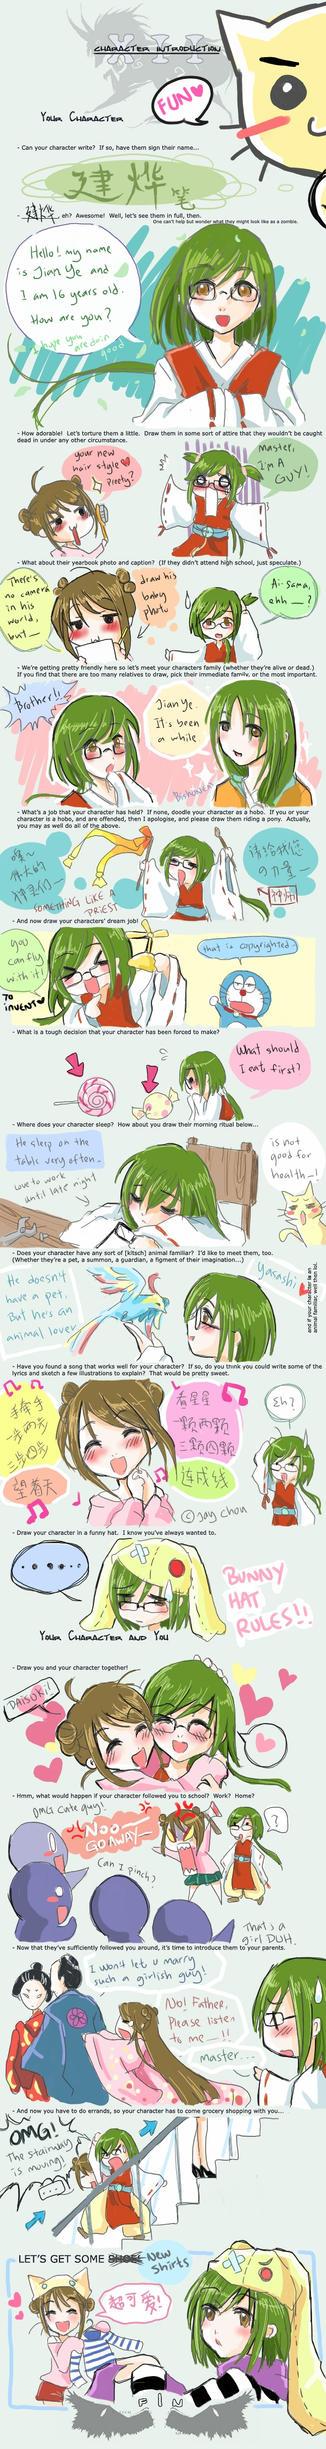 Character Meme_Jian Ye by Iris-Zeible